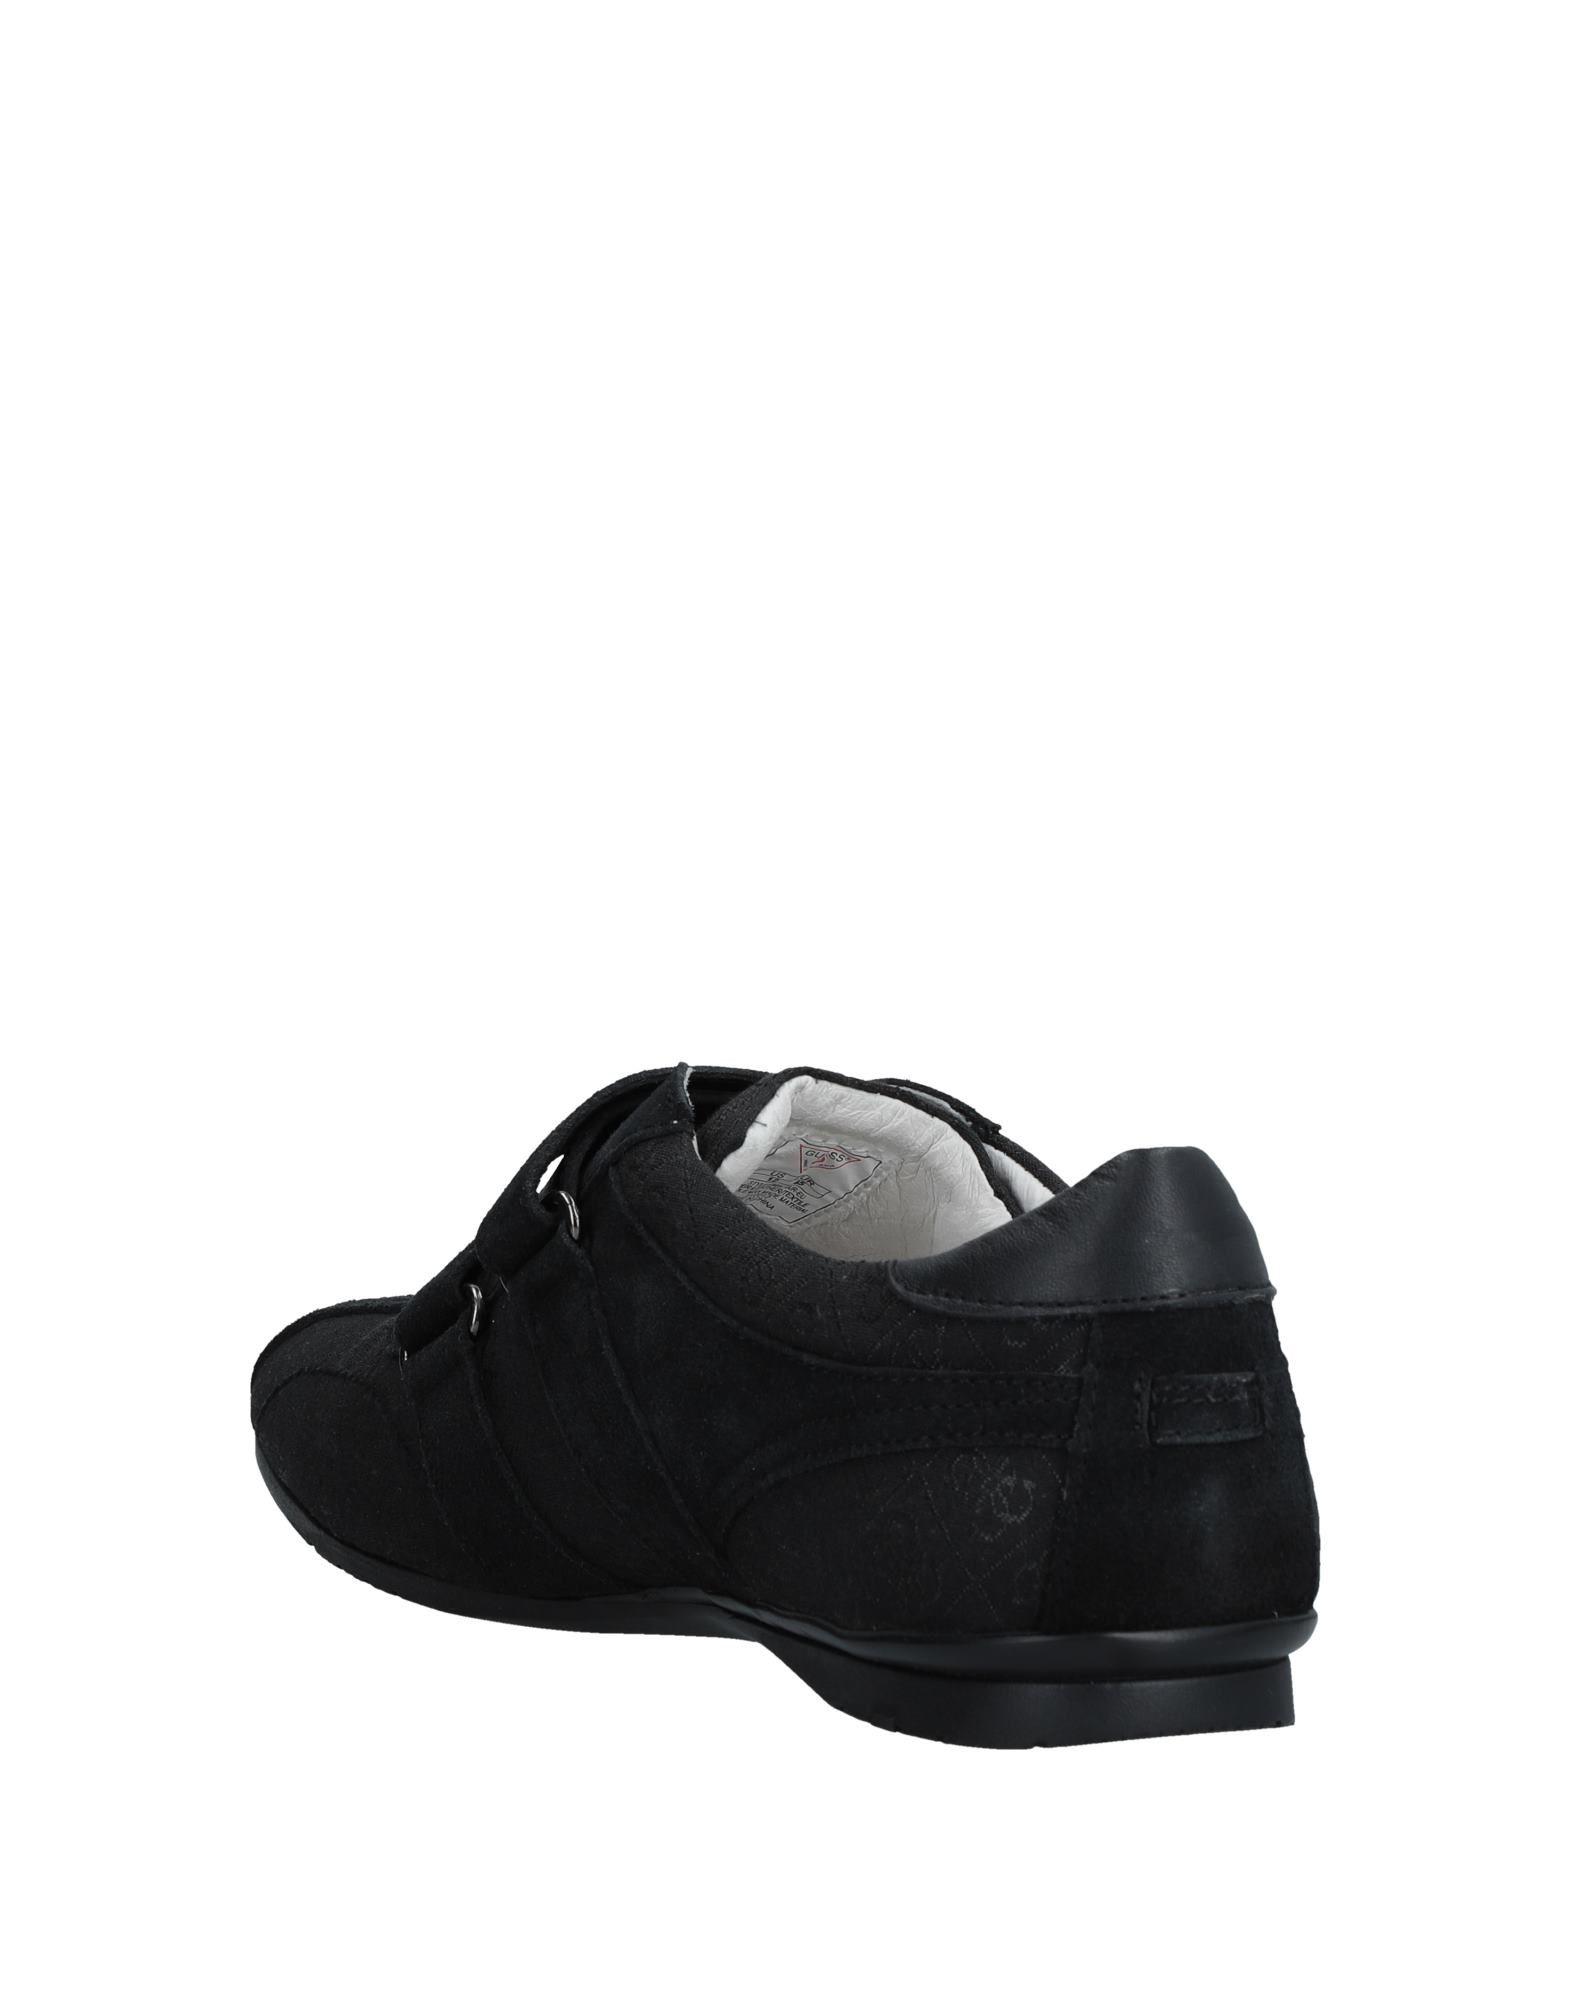 Rabatt echte Sneakers Schuhe Guess Sneakers echte Herren  11018326XM cb83d4